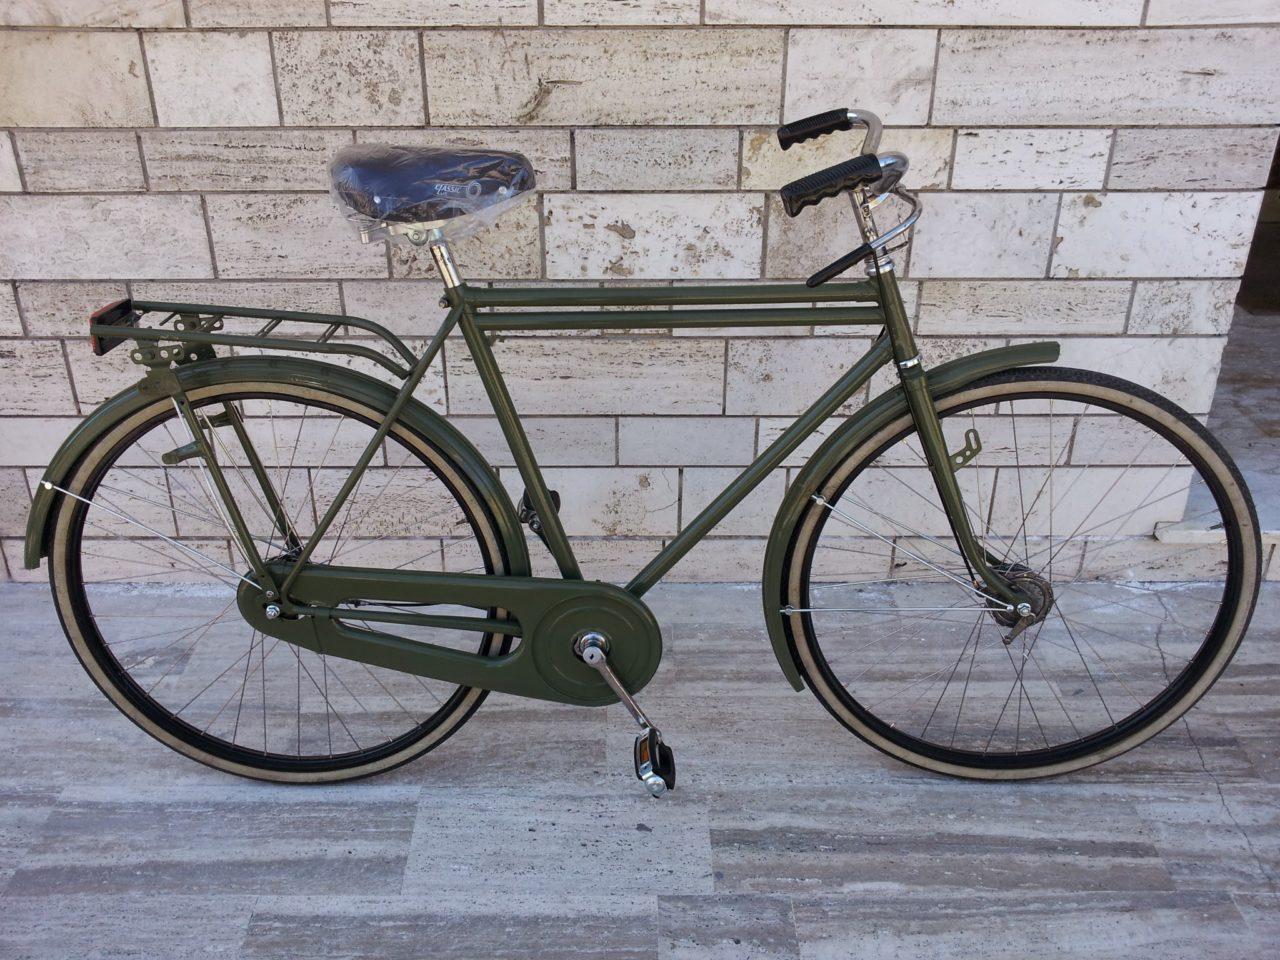 Restaurazione Bici Vicini Doppia Canna Verde Military Le Due Ruote